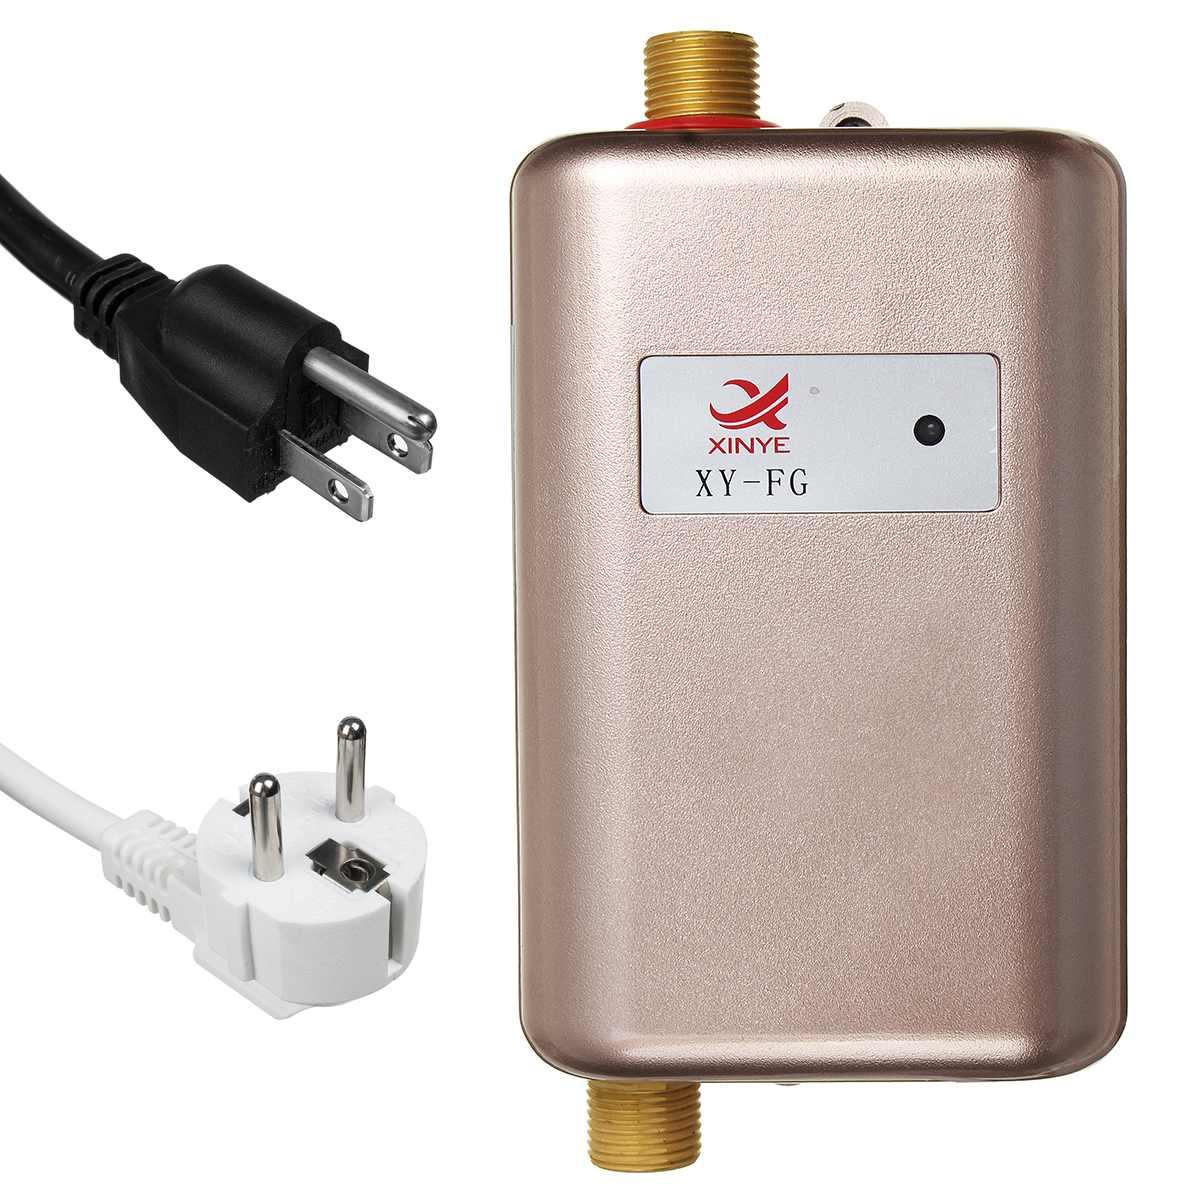 3800W chauffe-eau électriques instantanés instantanés chauffe-eau de cuisine sans réservoir robinet affichage de température douche de chauffage universellement